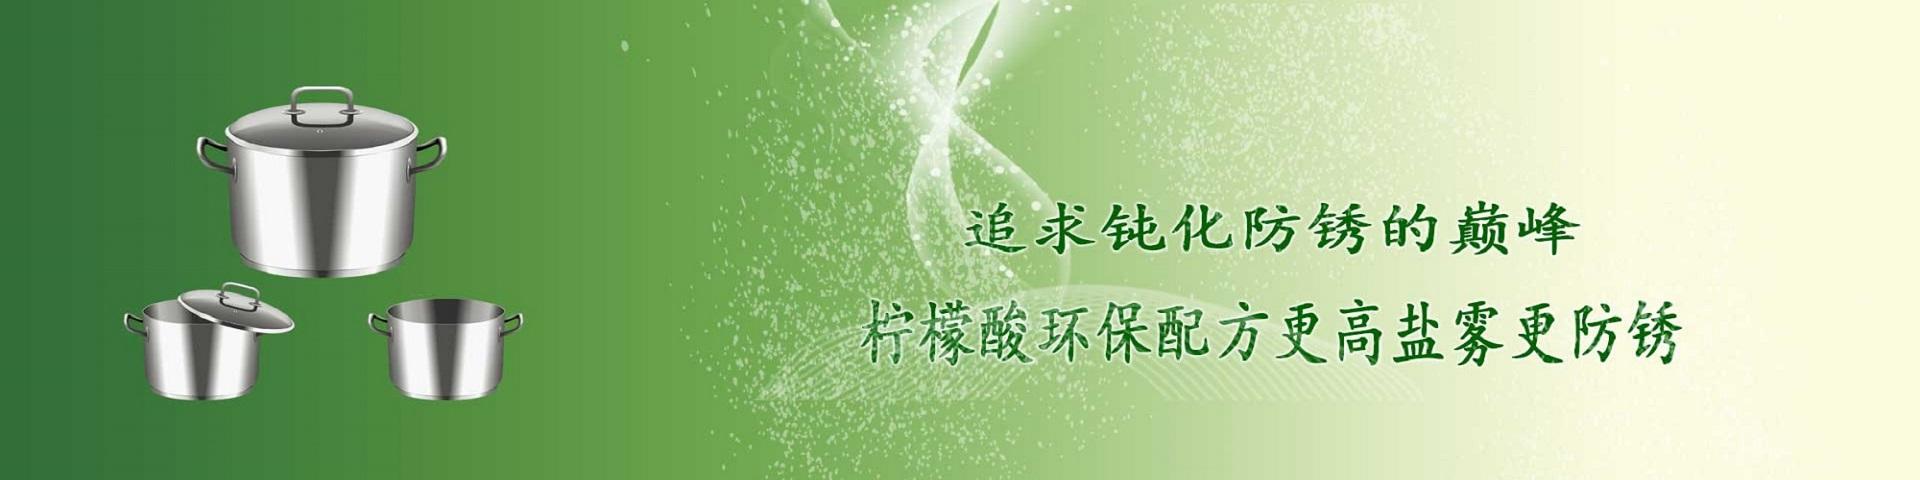 惠州市安捷诚表面处理材料有限公司